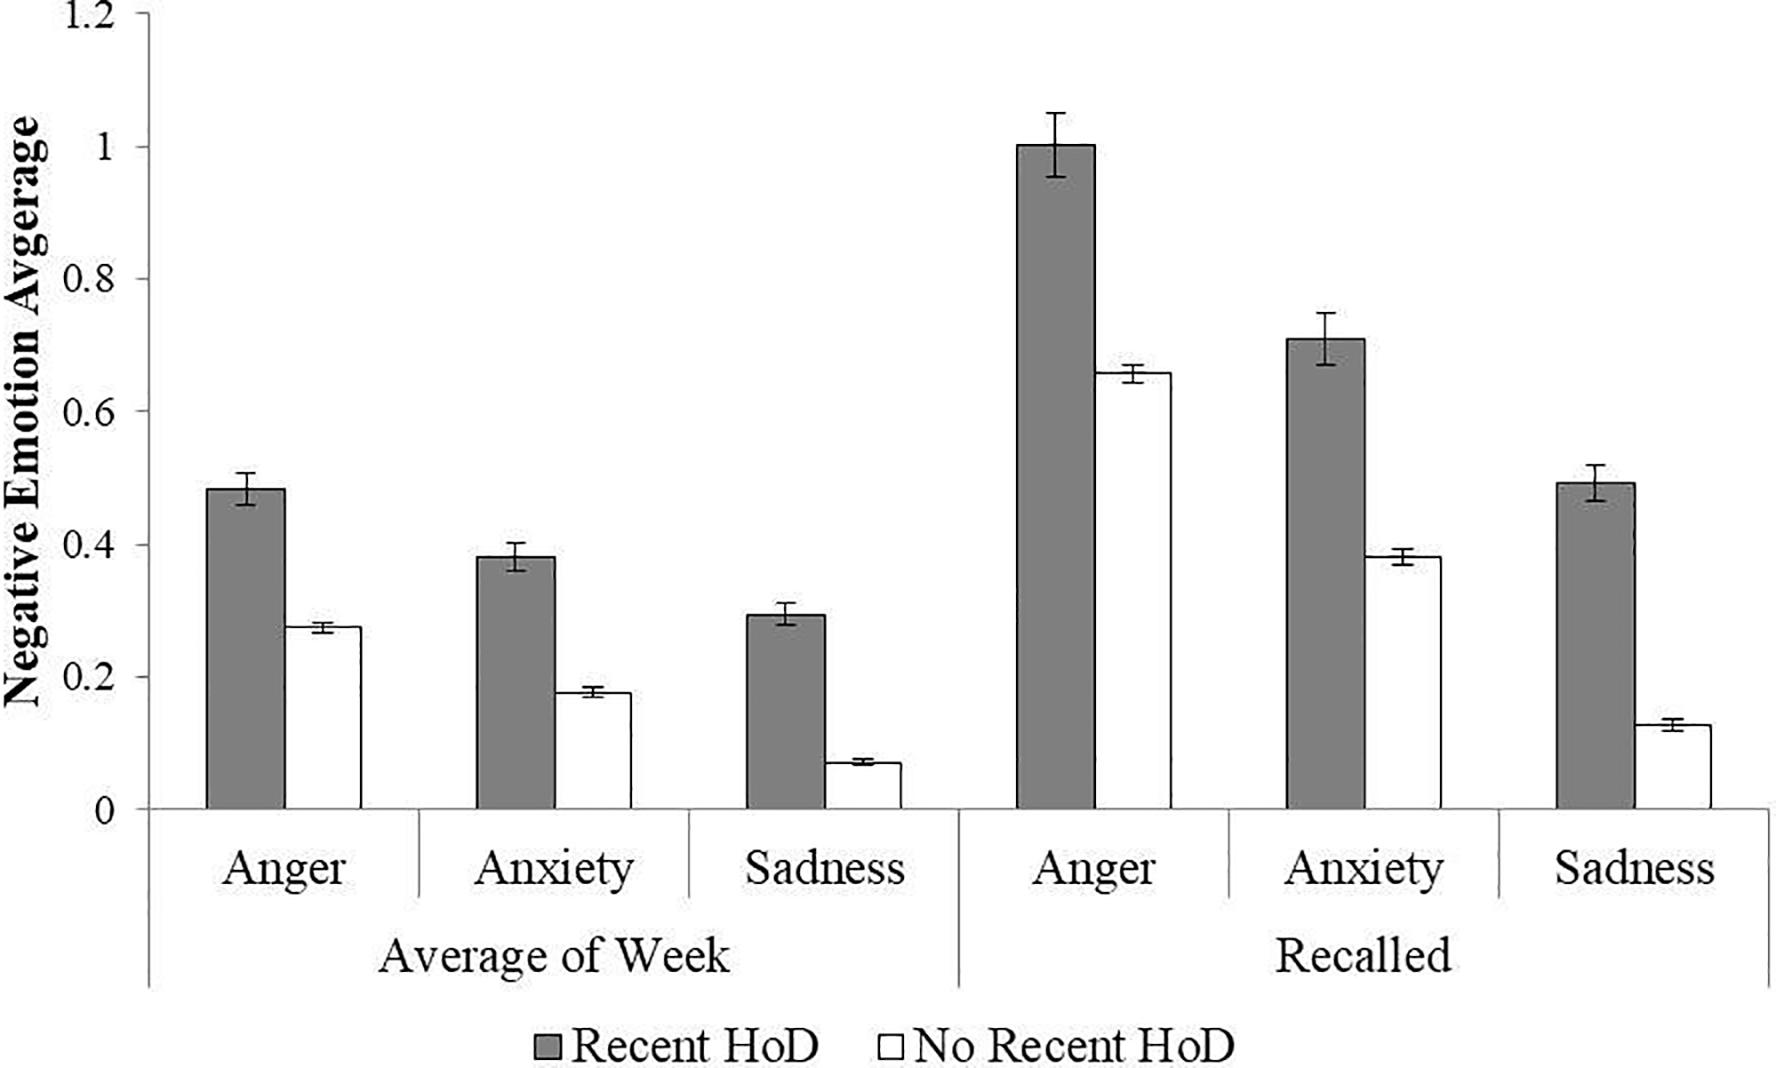 Рис 2. Сообщения о злости, грусти и тревоге и их оценка по памяти  На рисунке: Anger - злость, Anxiety - тревога, Sadness - грусть